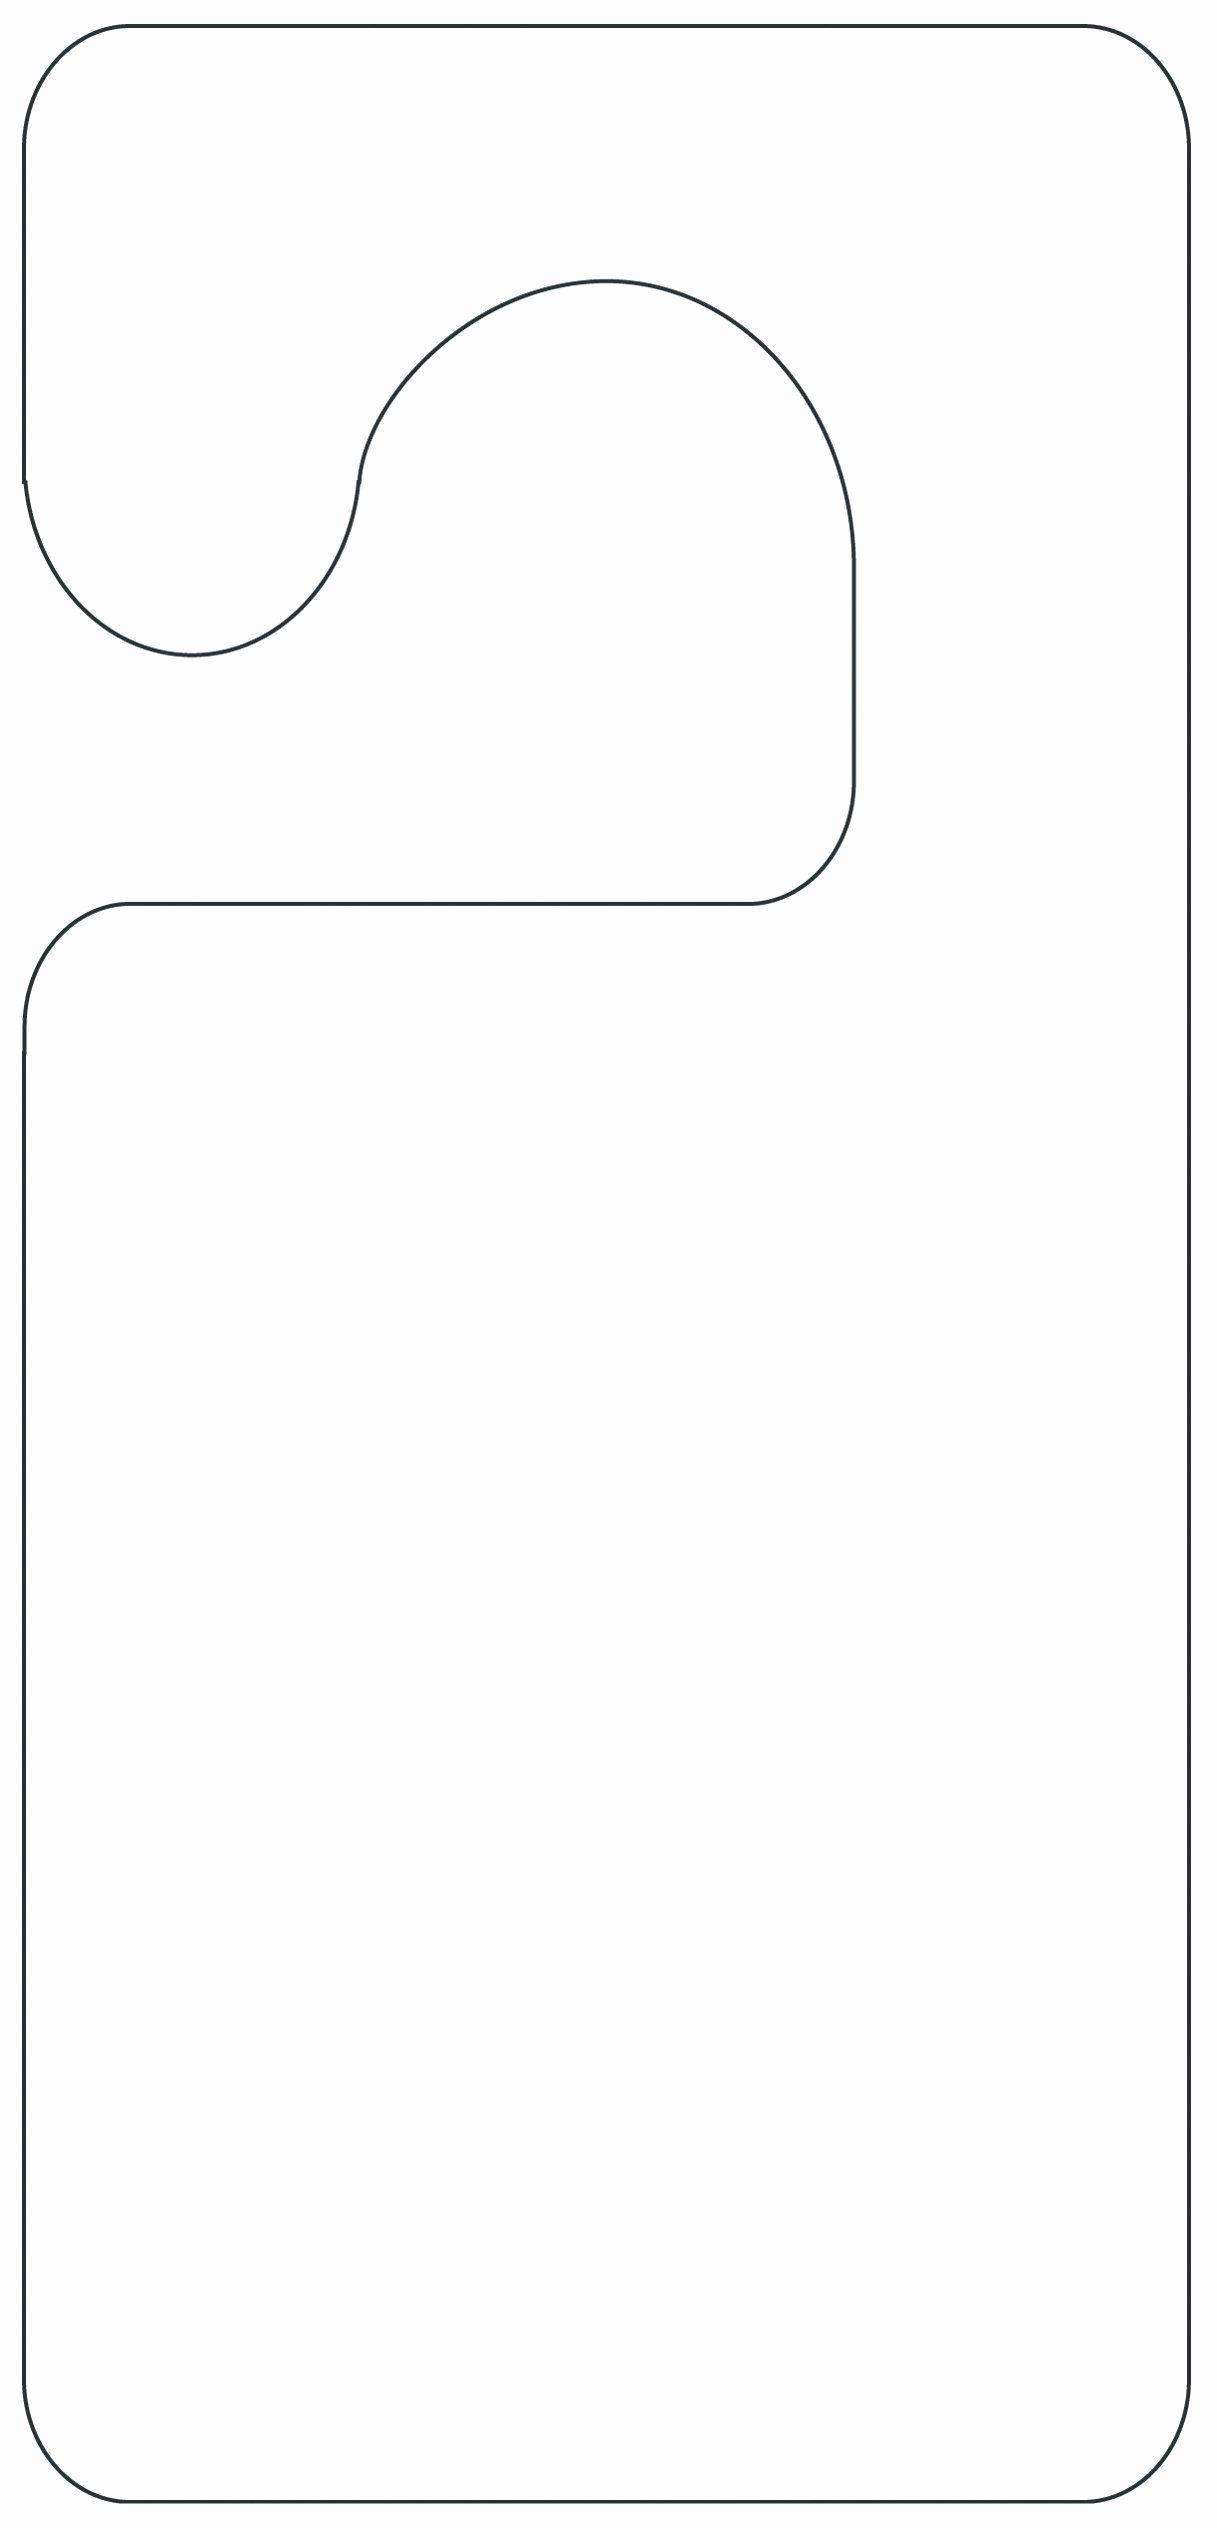 001 Beautiful Door Hanger Template For Word Sample  Free MicrosoftFull